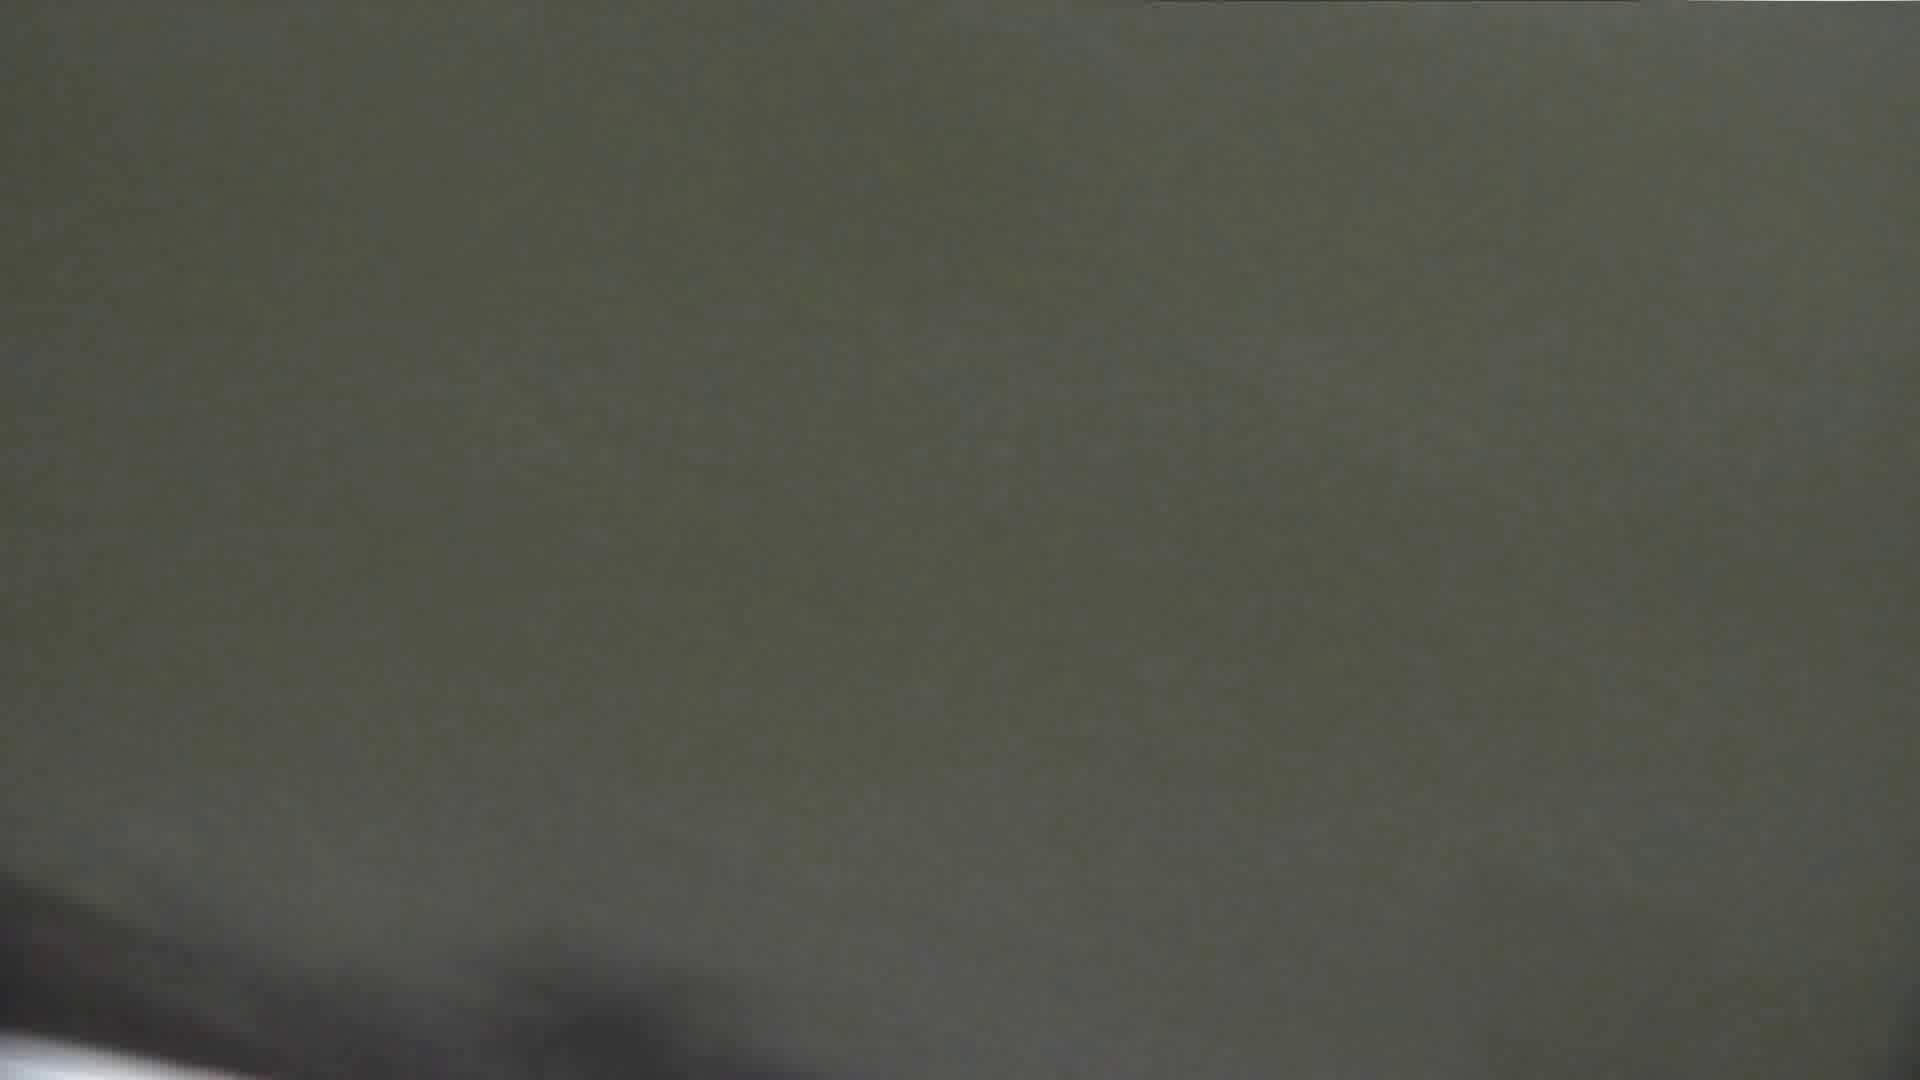 【美しき個室な世界】 vol.025 メガネ属性ヾ(´∀`)ノ HなOL  94pic 90